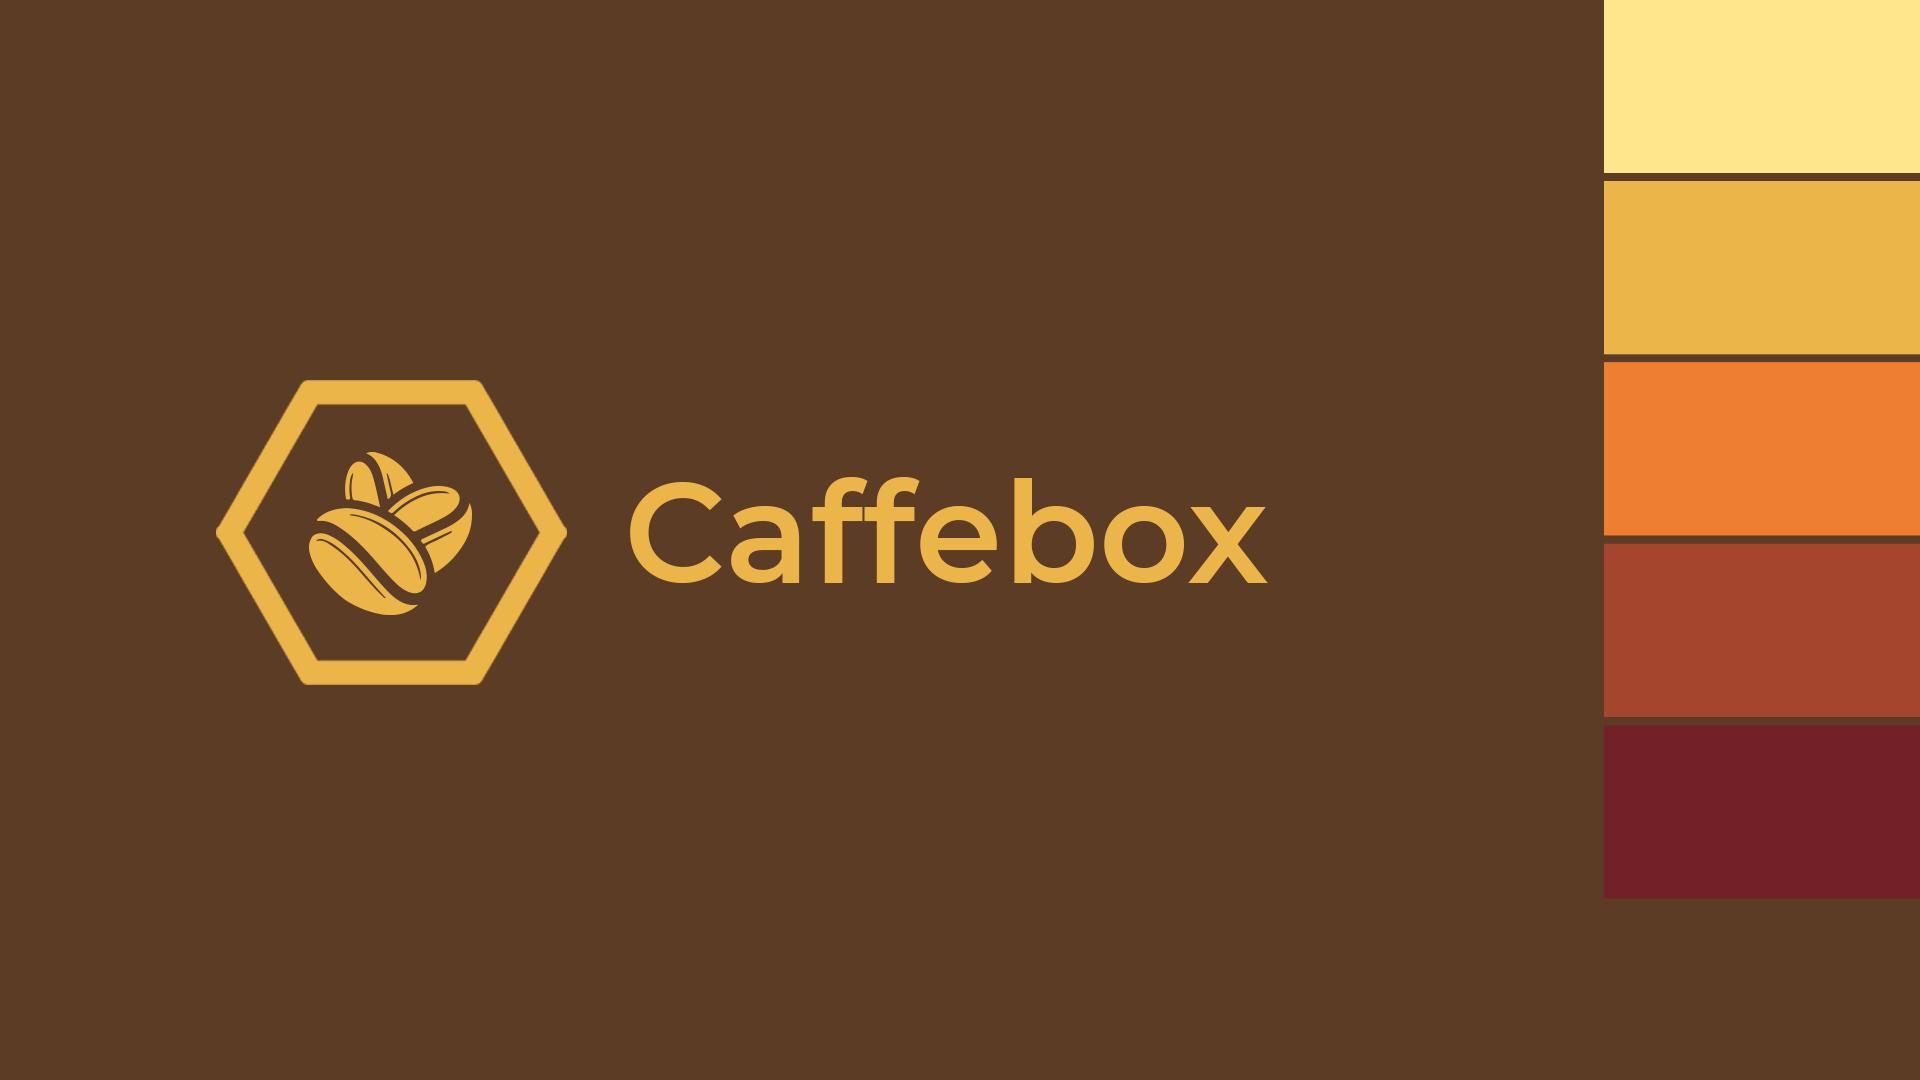 Требуется очень срочно разработать логотип кофейни! фото f_8185a0d286dedd34.png